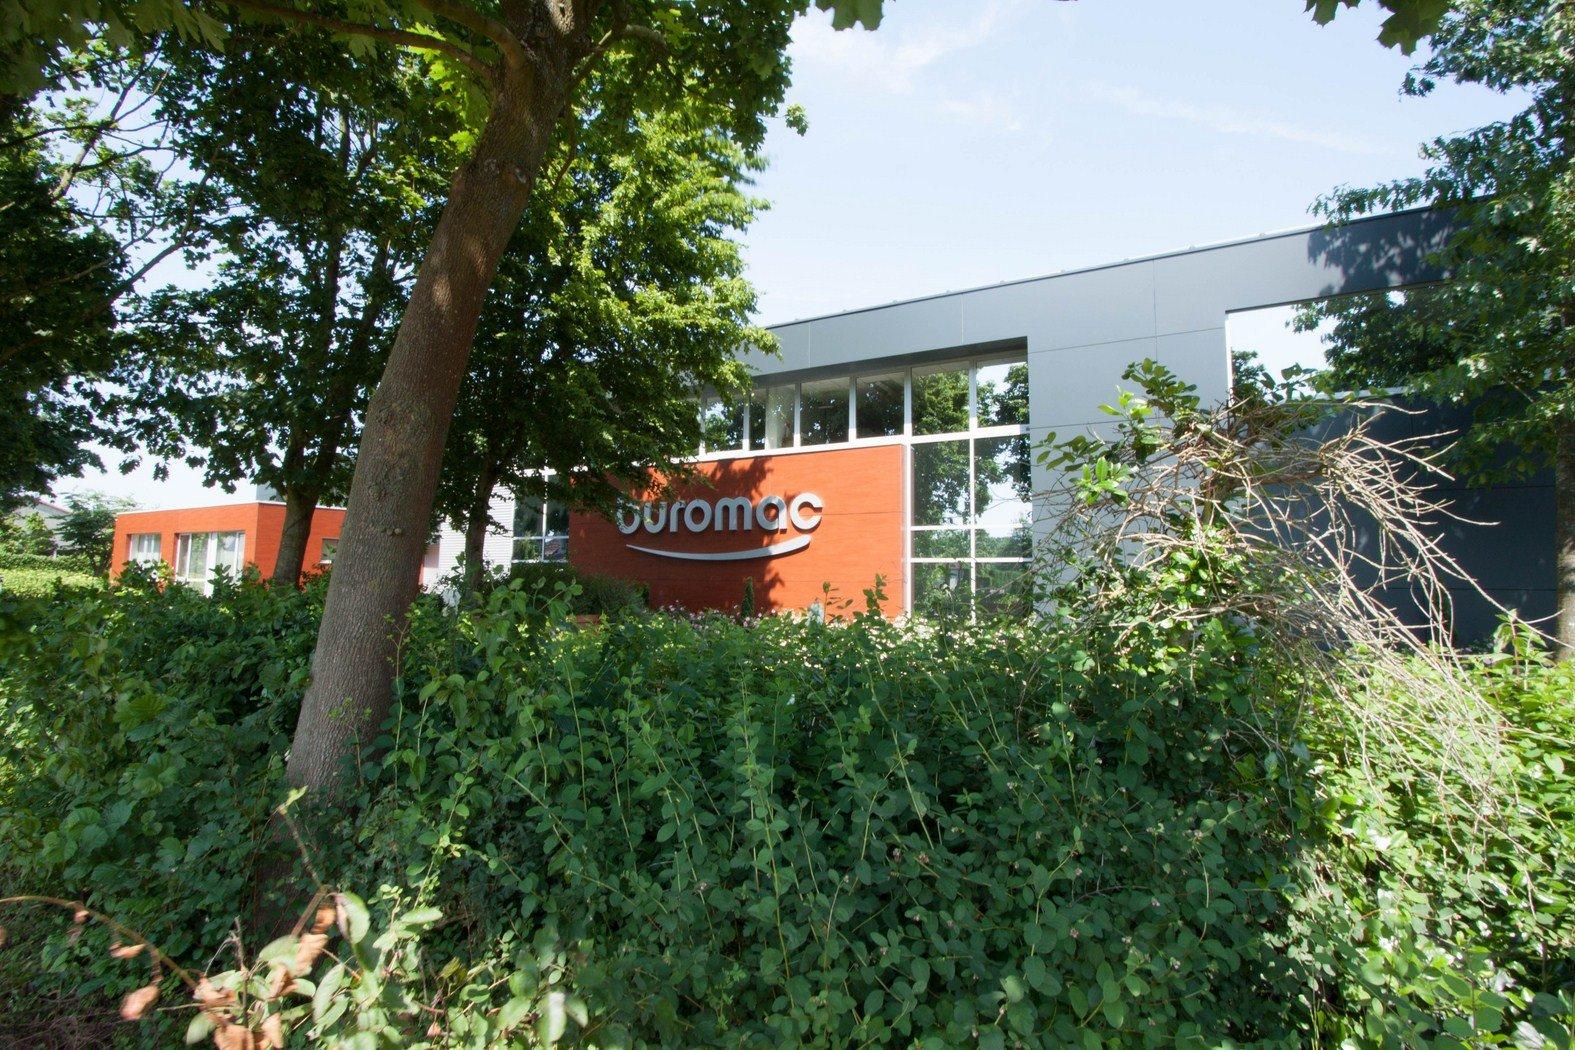 Drukkerij Buromac_Brugge_kantoren_productieruimte_stockageruimte (35).jpg